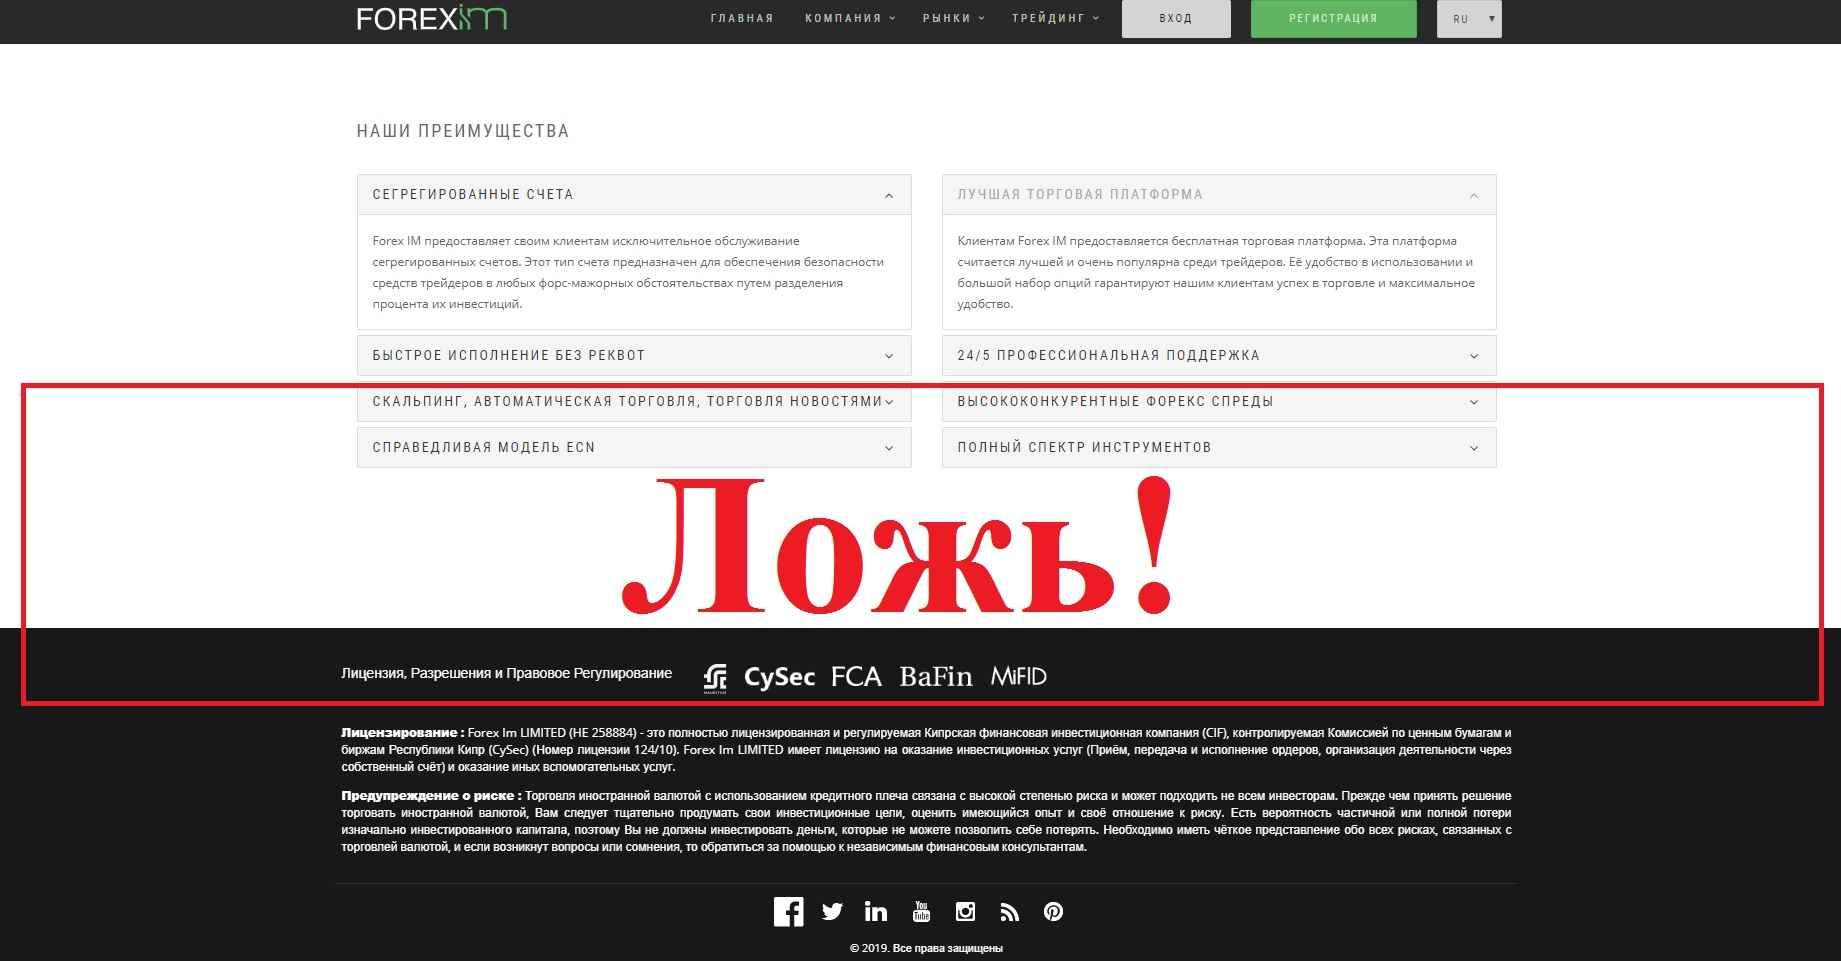 ForexIm – реальные отзывы о брокере forex-im.com